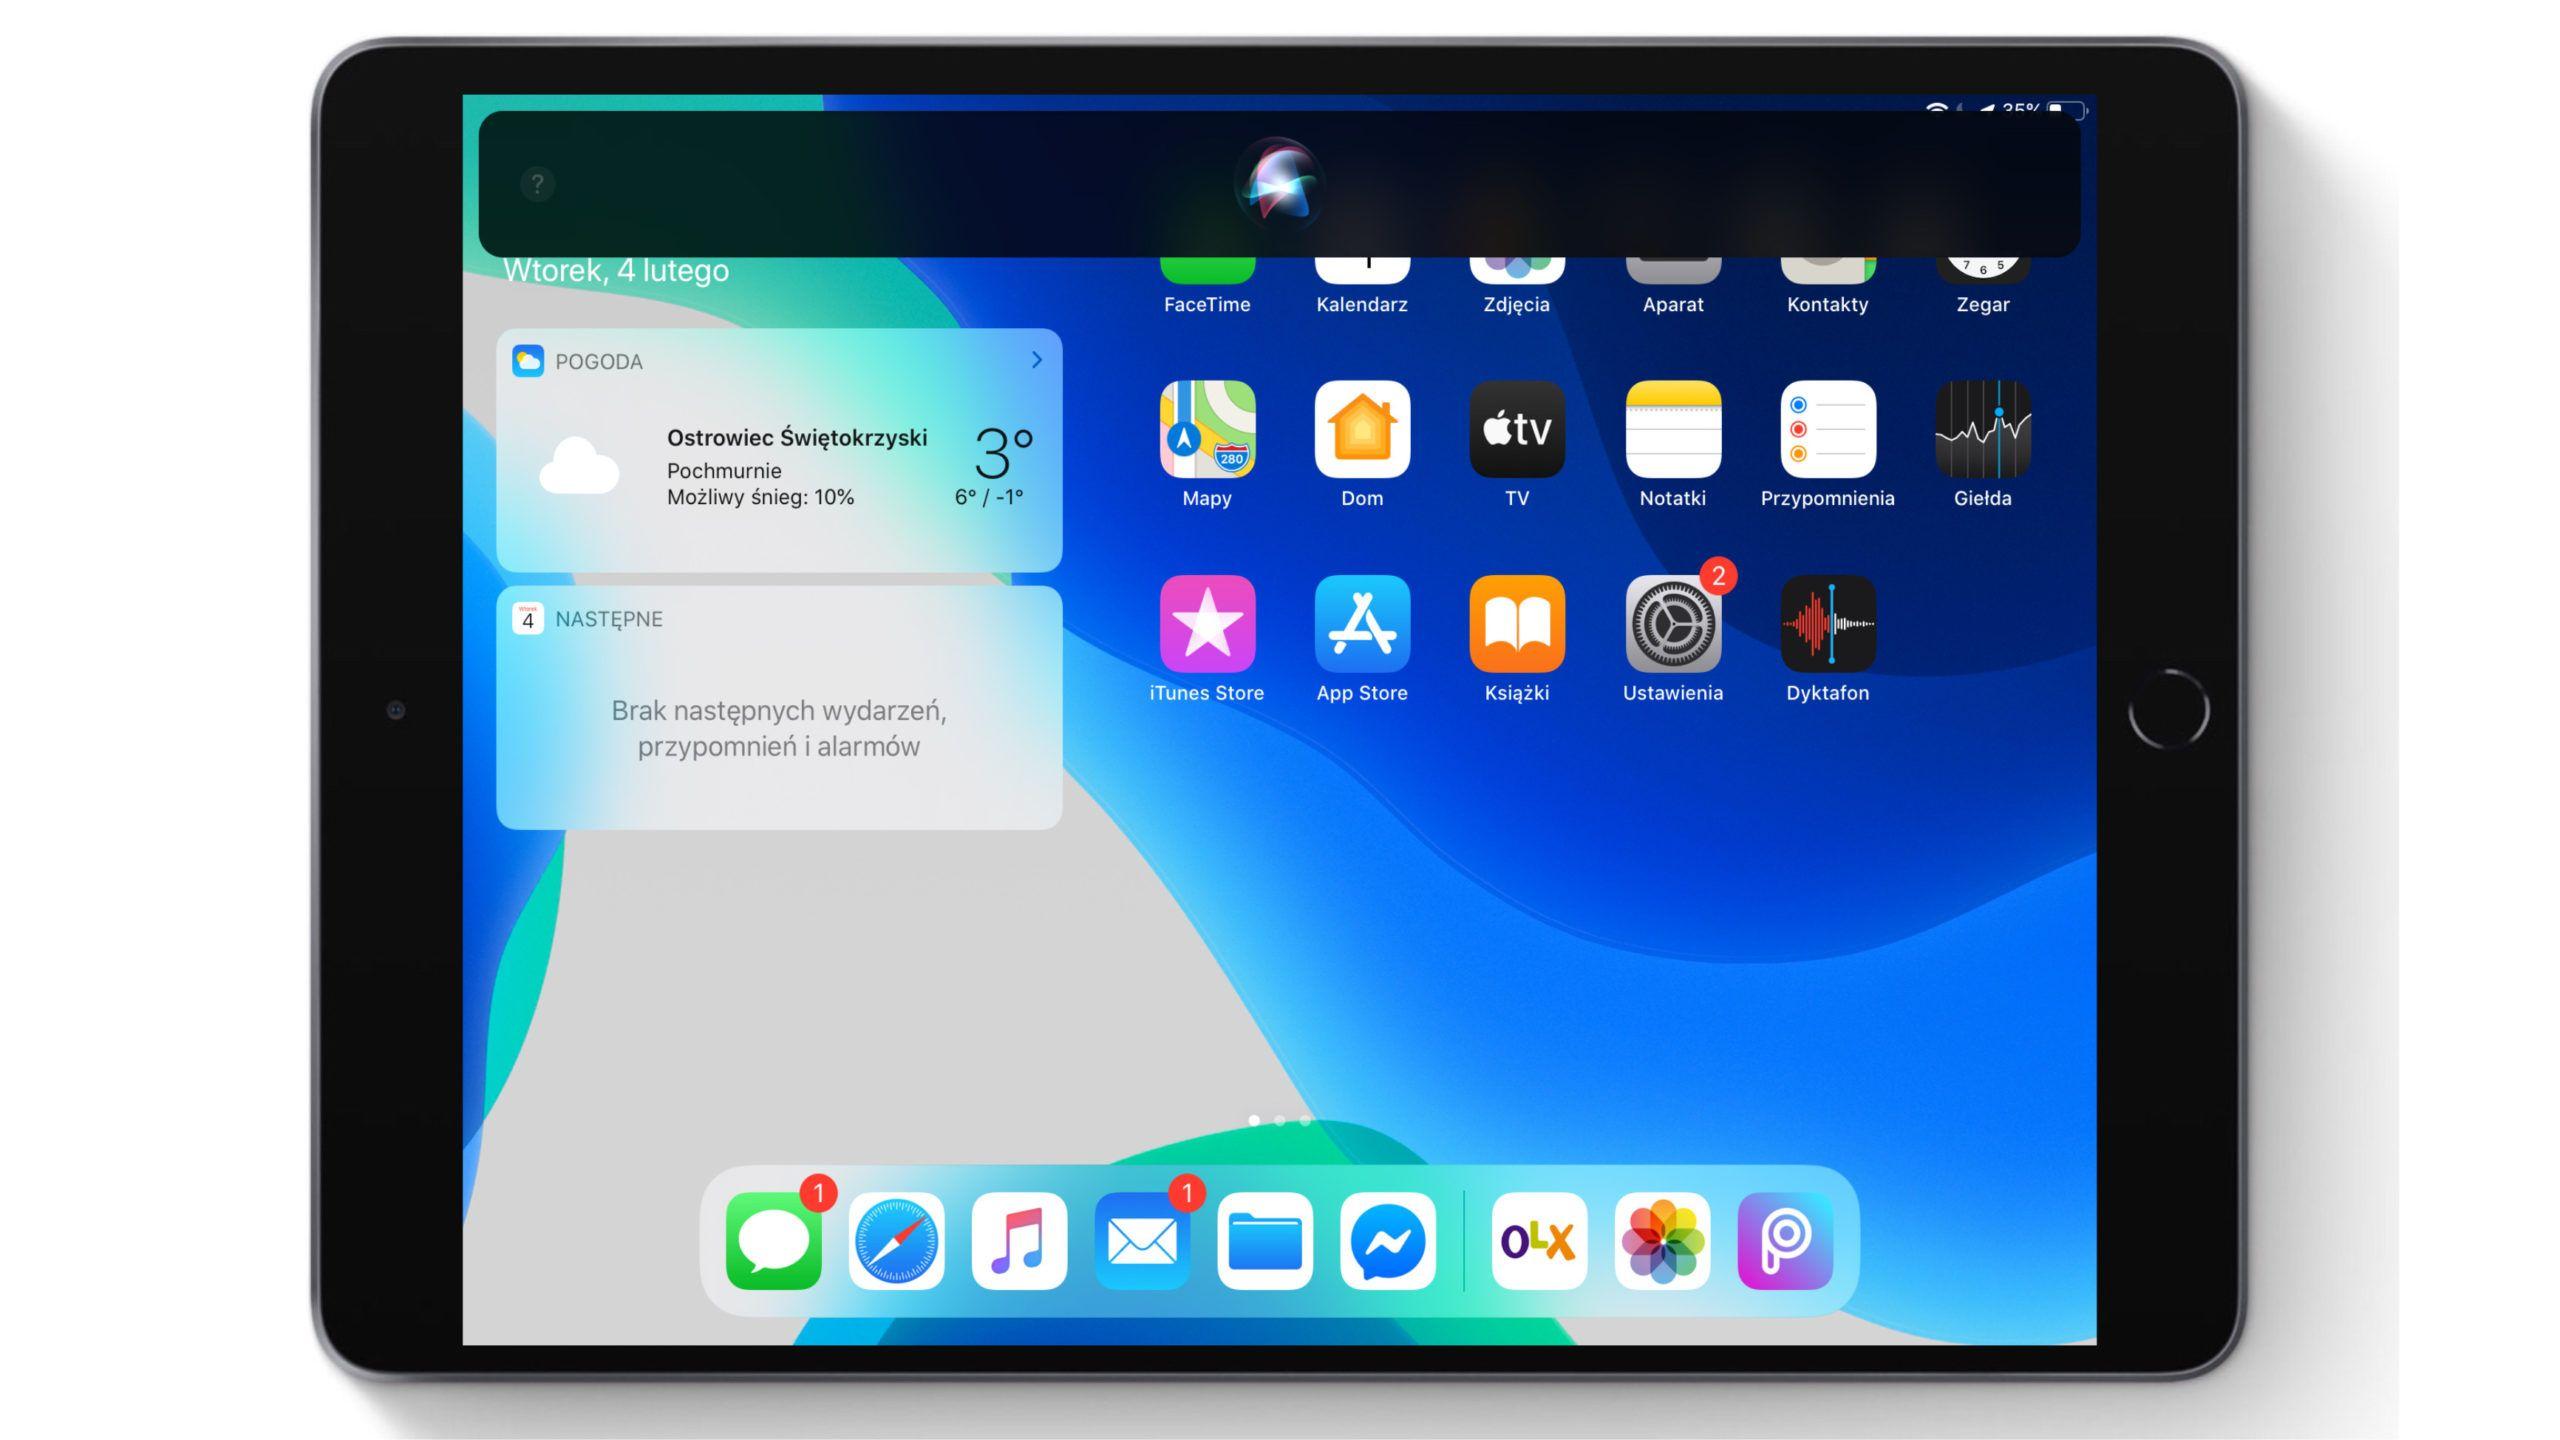 Siri przeszkadzająca w pracy? SmallSiri na iPadzie Ci pomoże!